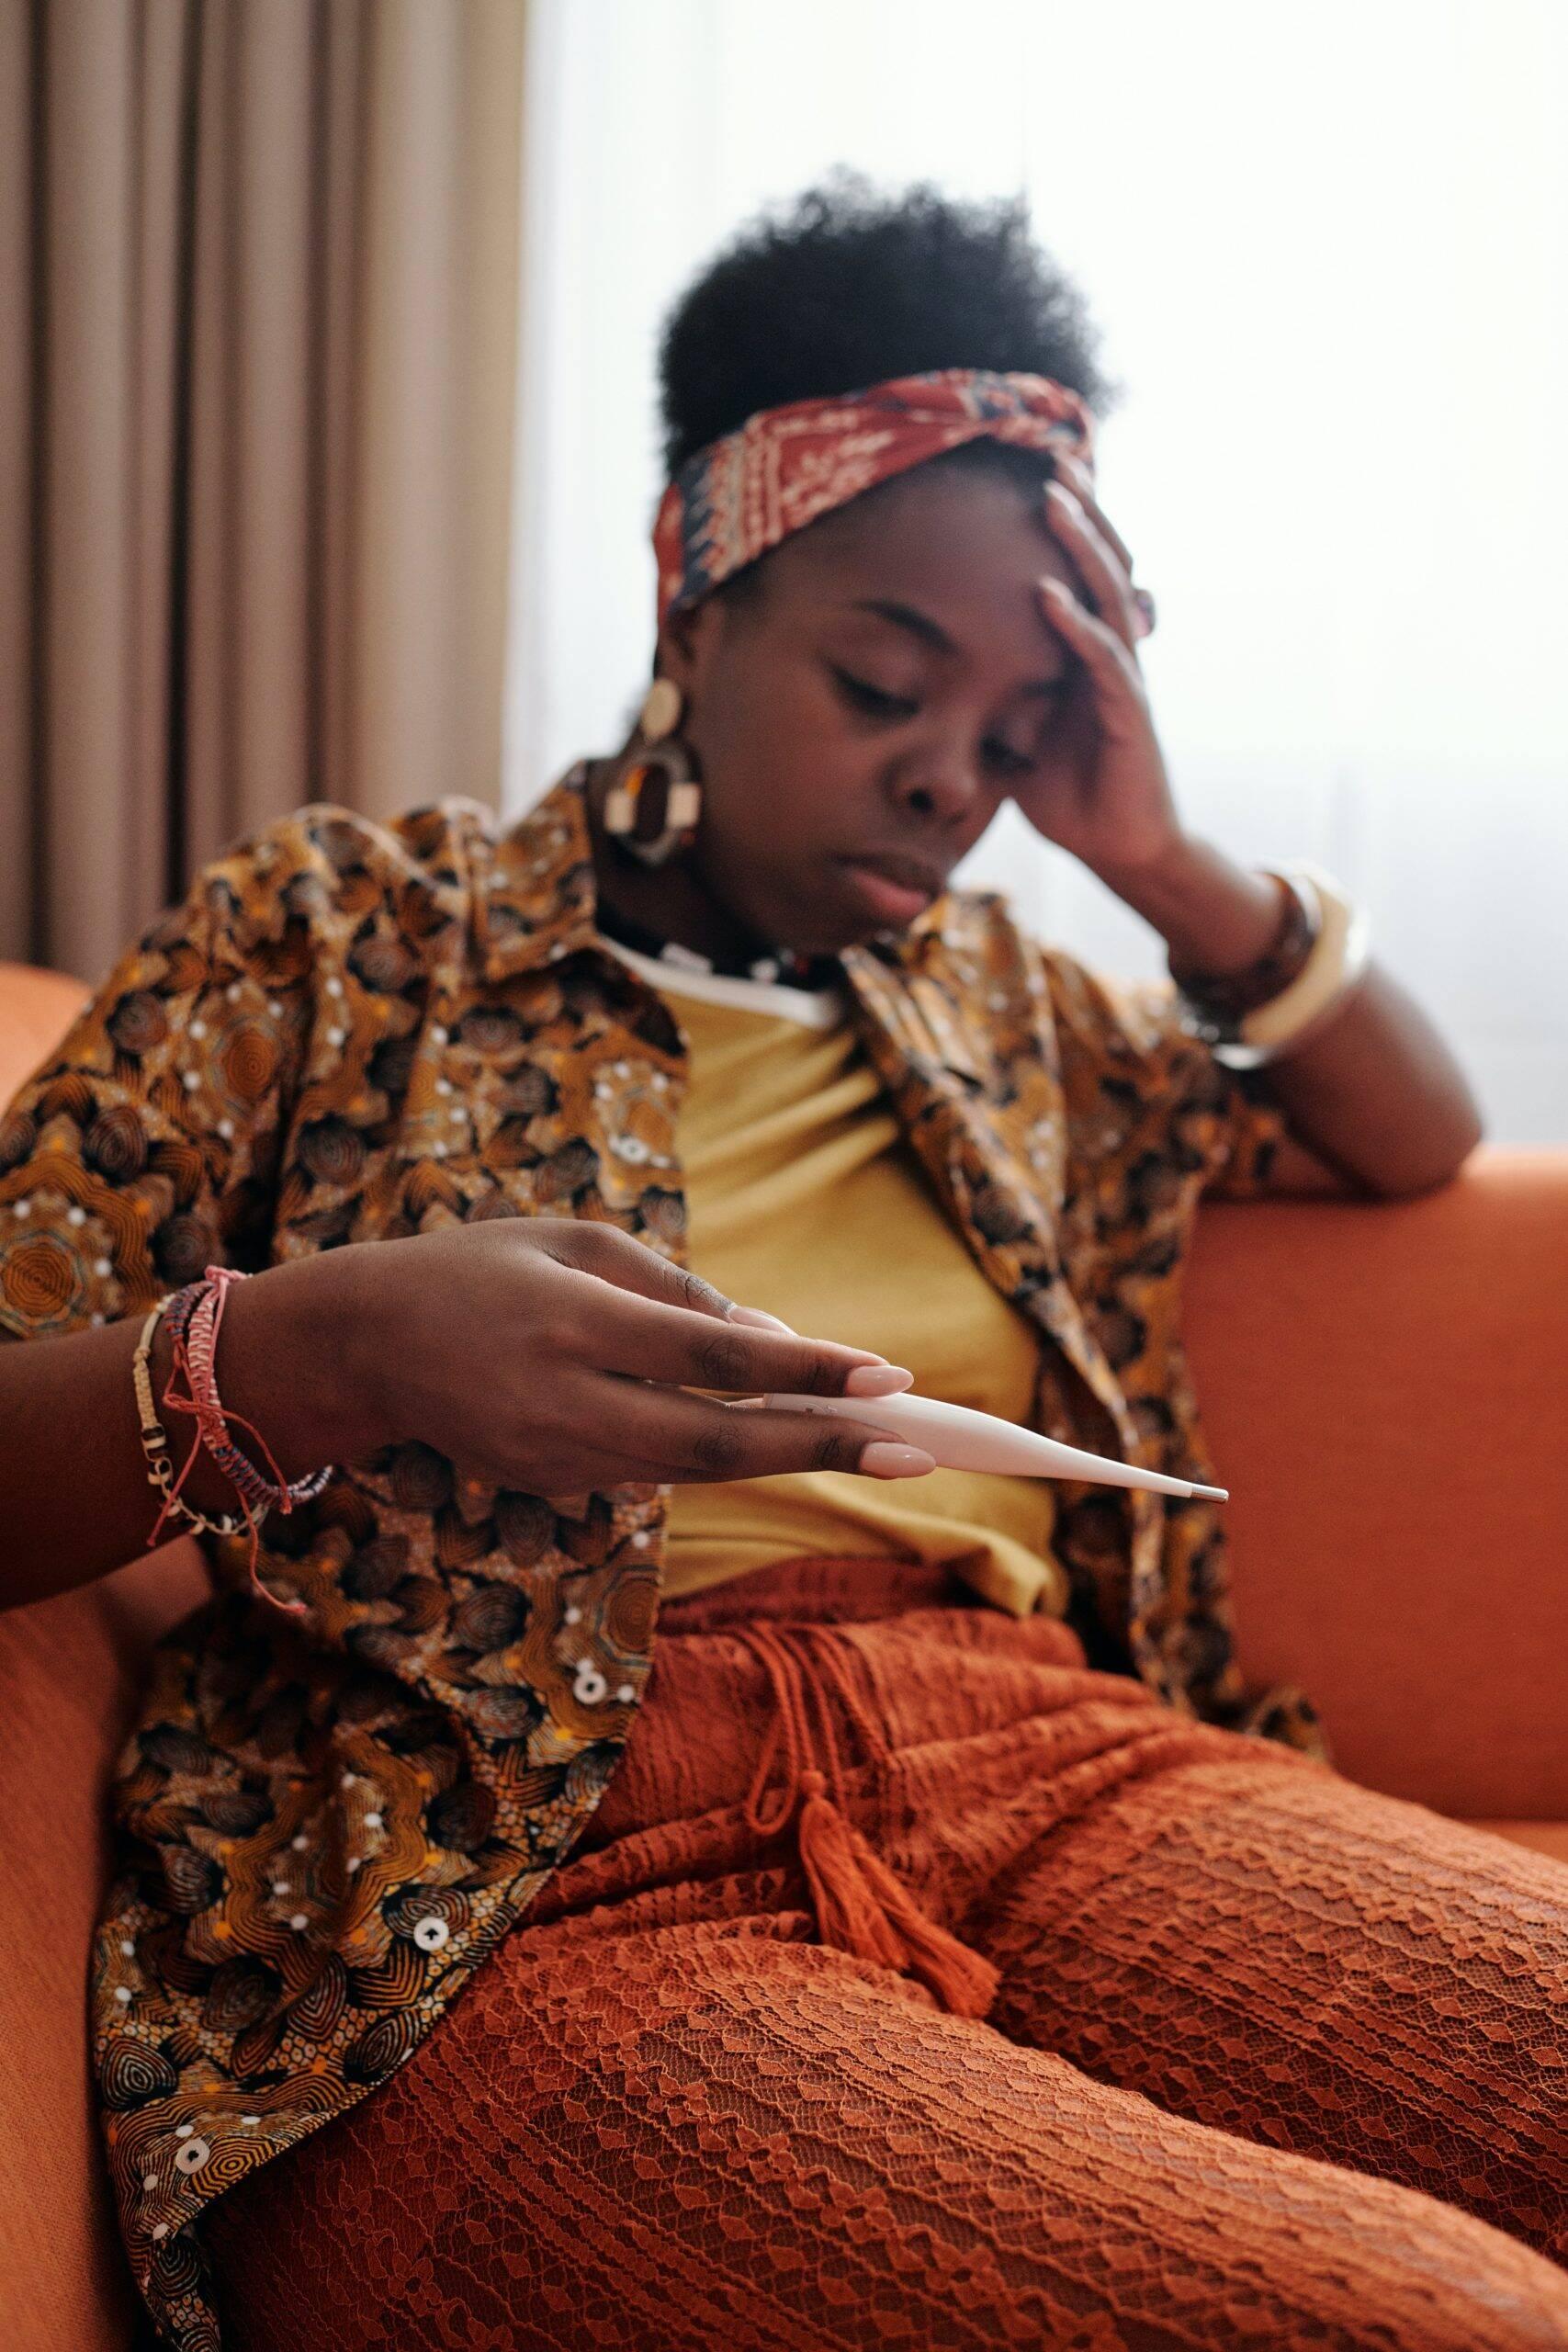 Febre de Lassa é mais uma doença que veio se espalhando rapidamente pela África. (Foto: Pexels)